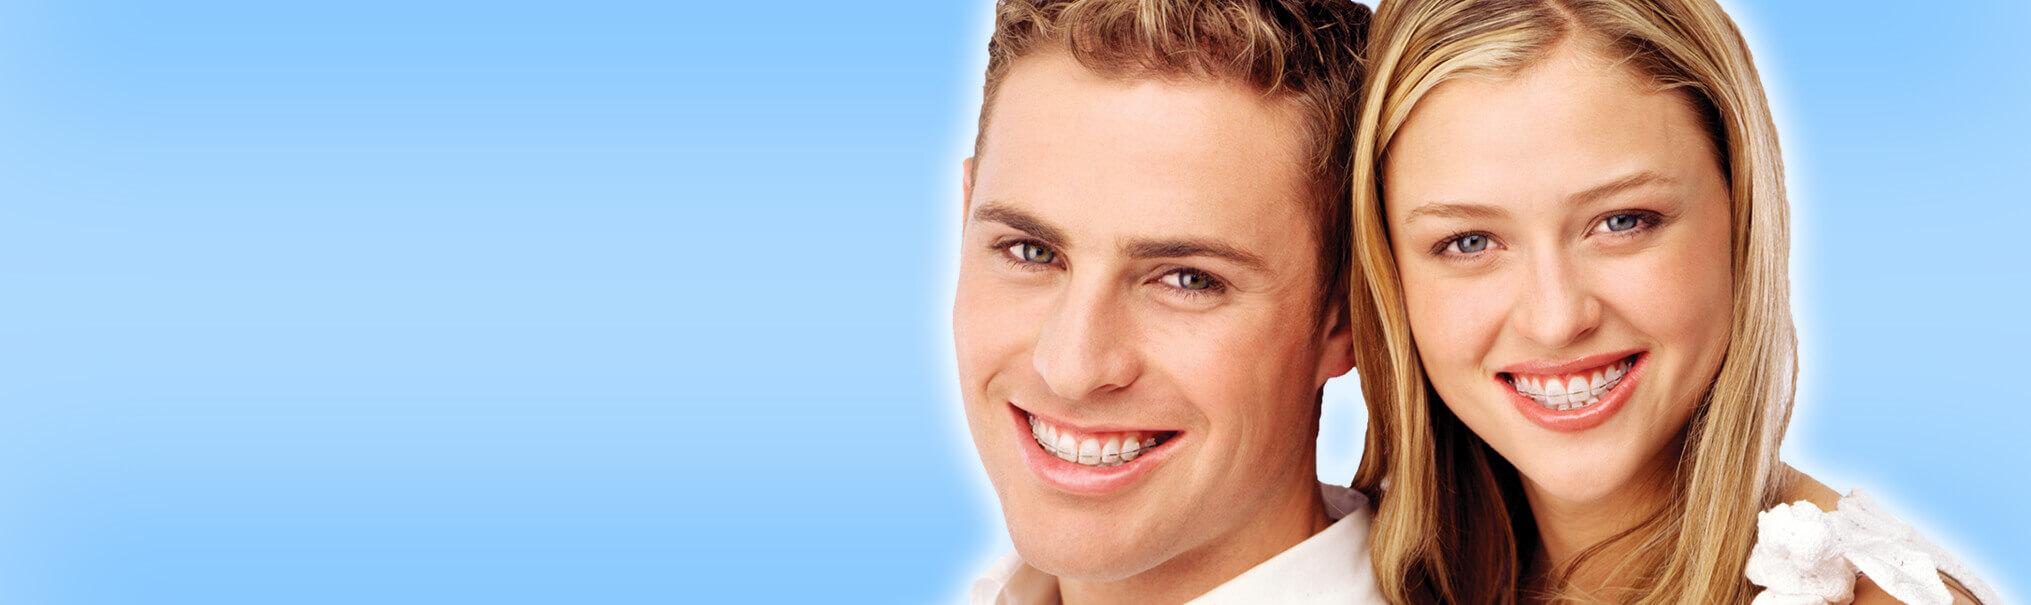 סוגי טיפולים ליישור שיניים